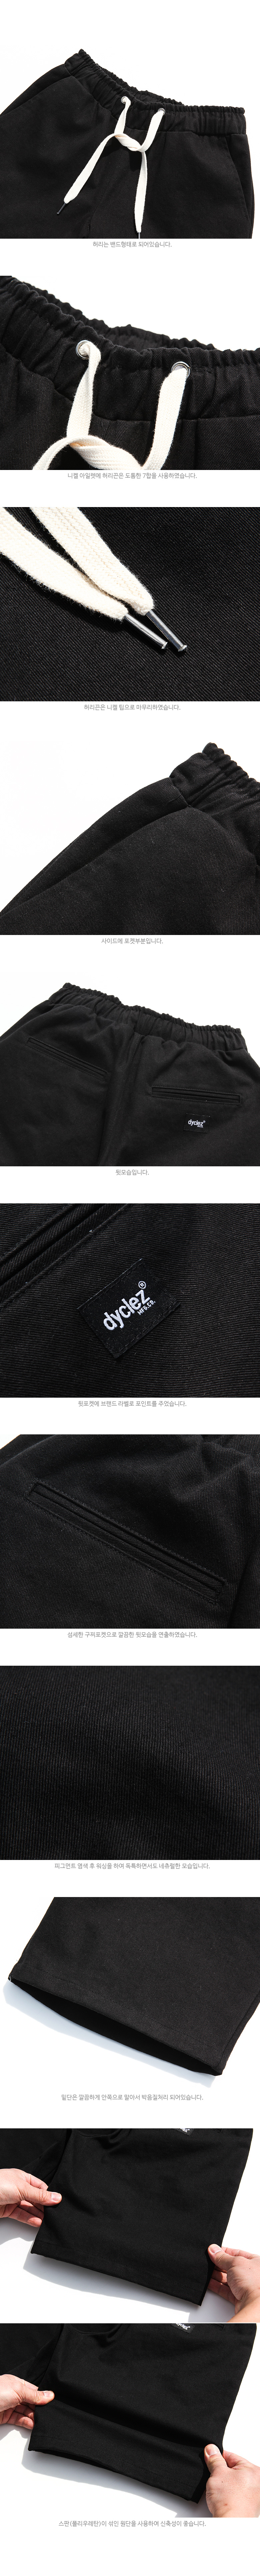 다이클레즈(DYCLEZ) [기획특가][패키지] 피그먼트 바이오 숏팬츠 10종 KHSP5063 패키지